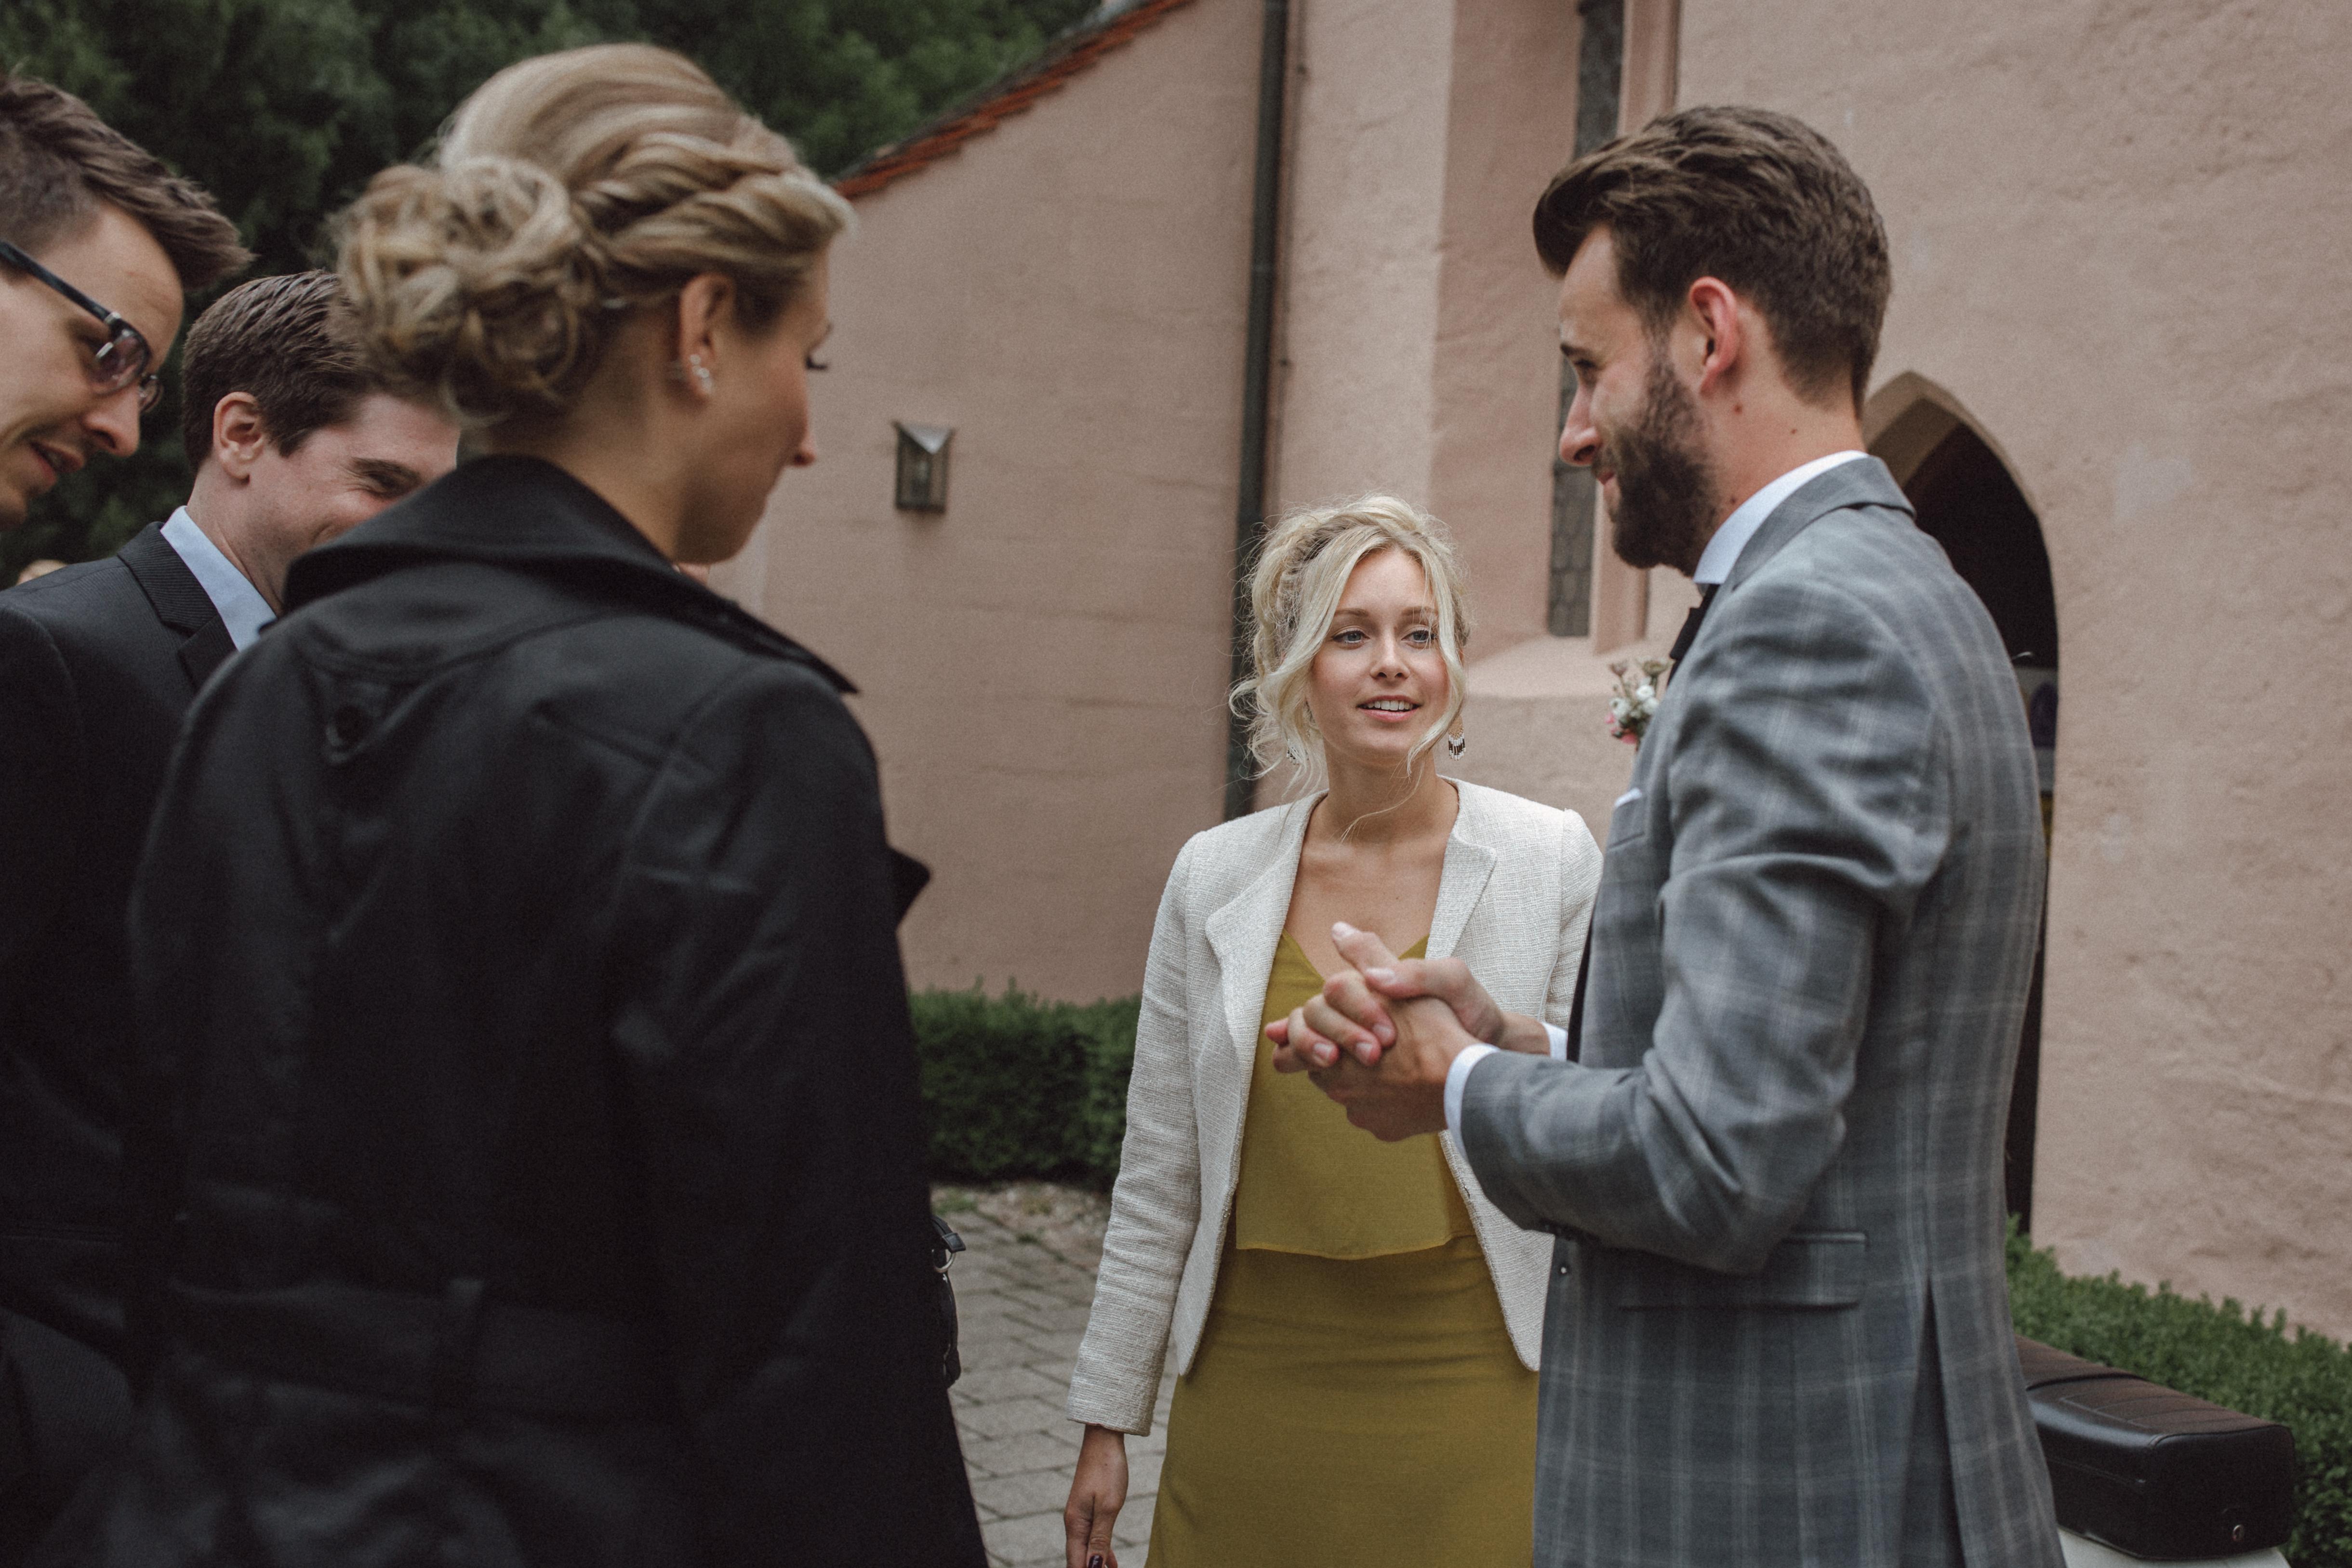 URBANERIE_Hochzeitsfotografin_Nürnberg_Fürth_Erlangen_Schwabach_170715_001_0044